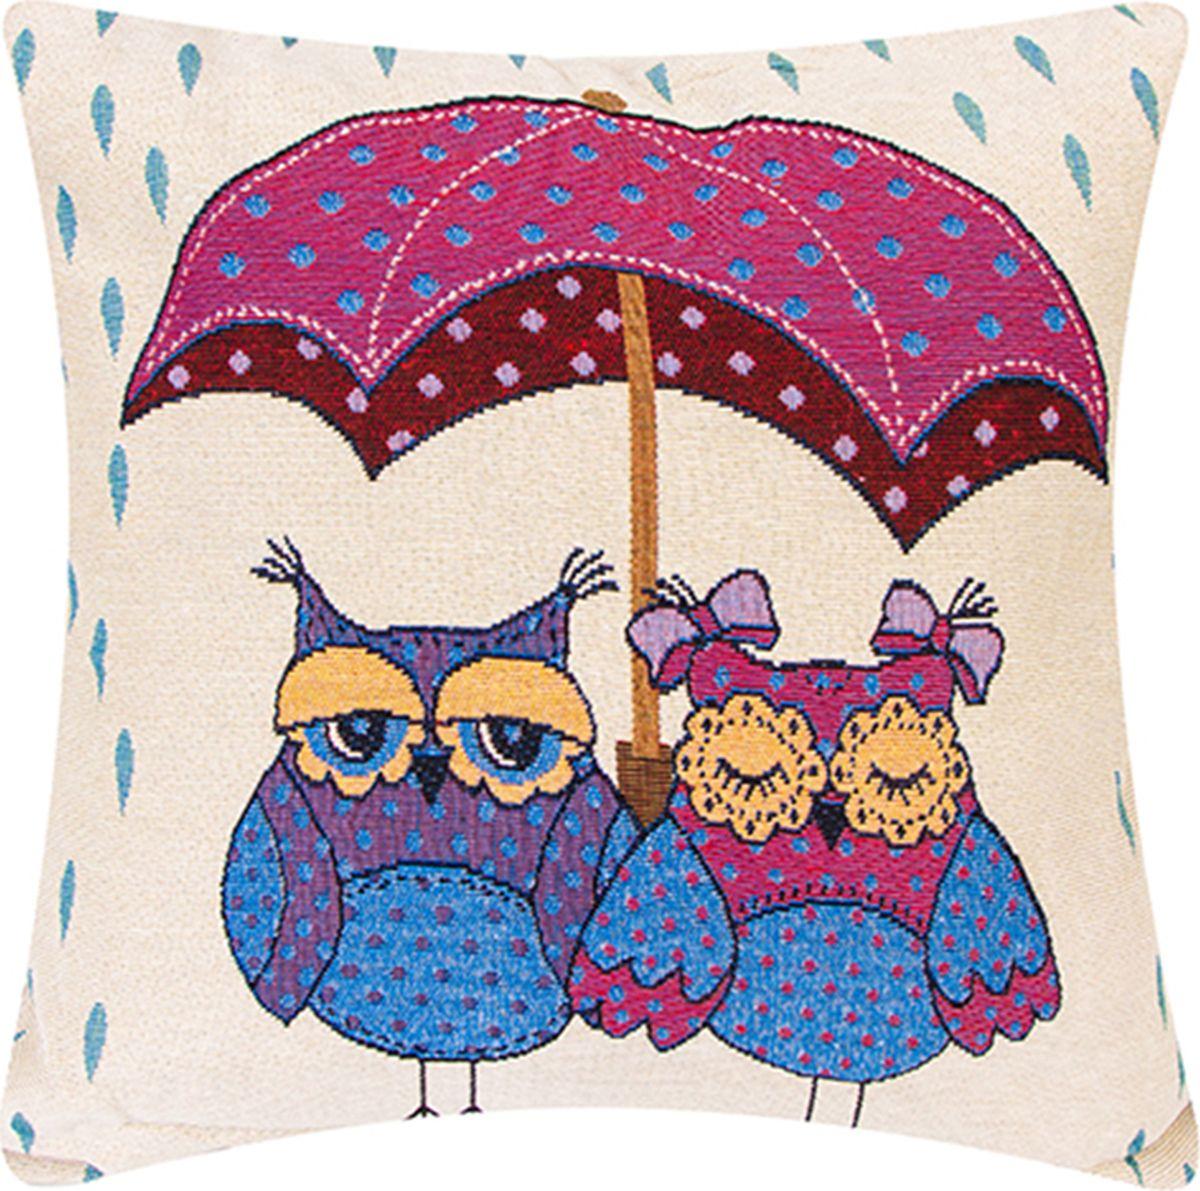 Подушка декоративная EL Casa Совы под зонтом, 43 x 43 см171696Декоративная подушка Совы под зонтом - это прекрасный способ освежить интерьер вашей гостиной или спальни. Наволочка состоит из 50% льна и 50% полиэстера, легко снимается и надежно застегивается благодаря аккуратно вшитой молнии. Внутри наволочки мягкий наполнитель, а саму наволочку можно стирать в стиральной машине. В ассортименте представлено множество цветов и рисунков, один из которых непременно впишется в ваш интерьер и выделится среди других предметов ярким или нежным акцентом. Создайте настроение благодаря небольшим, но важным деталям и порадуйте себя и близких безупречным вкусом и нестандартными решениями.